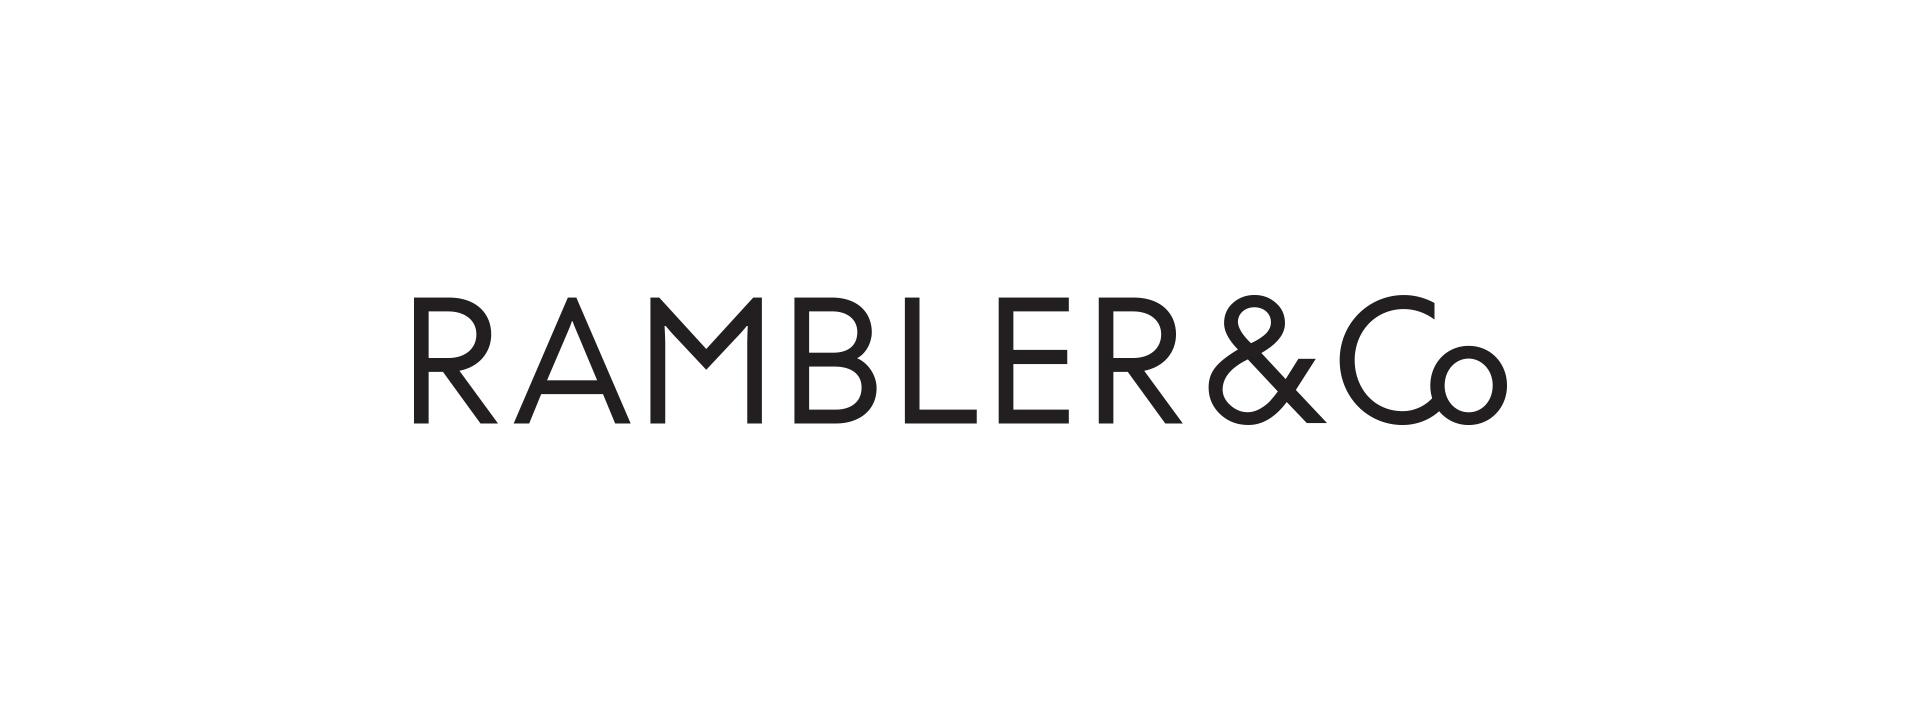 Rambler & Co и «Бегун» будут продавать рекламу через собственную RTB-платформу